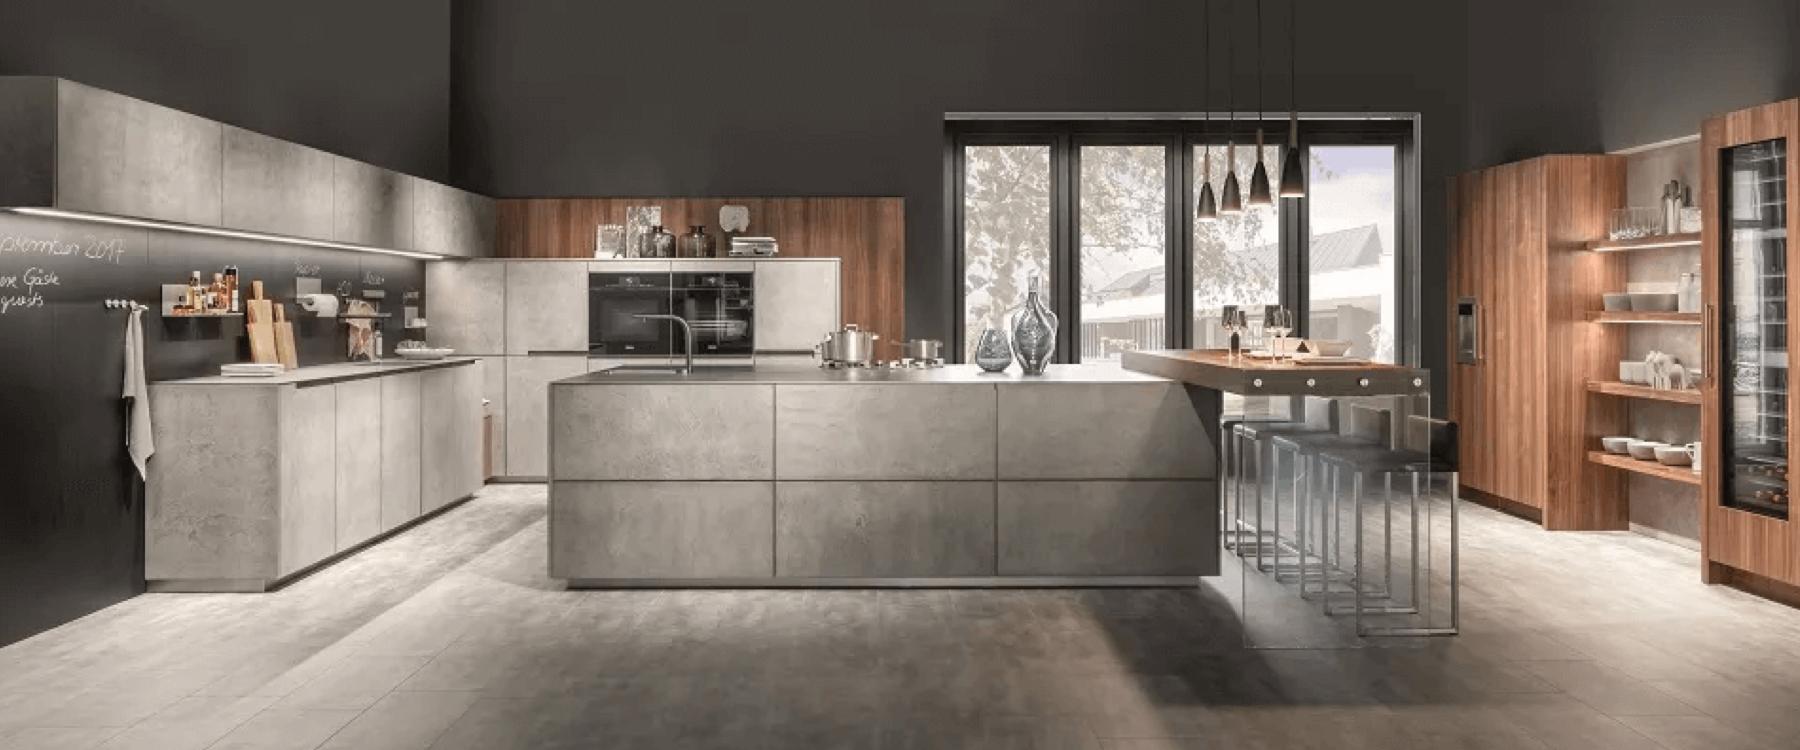 WARENDORF: Warendorf Küchen vergleichen + Warendorf Küche planen